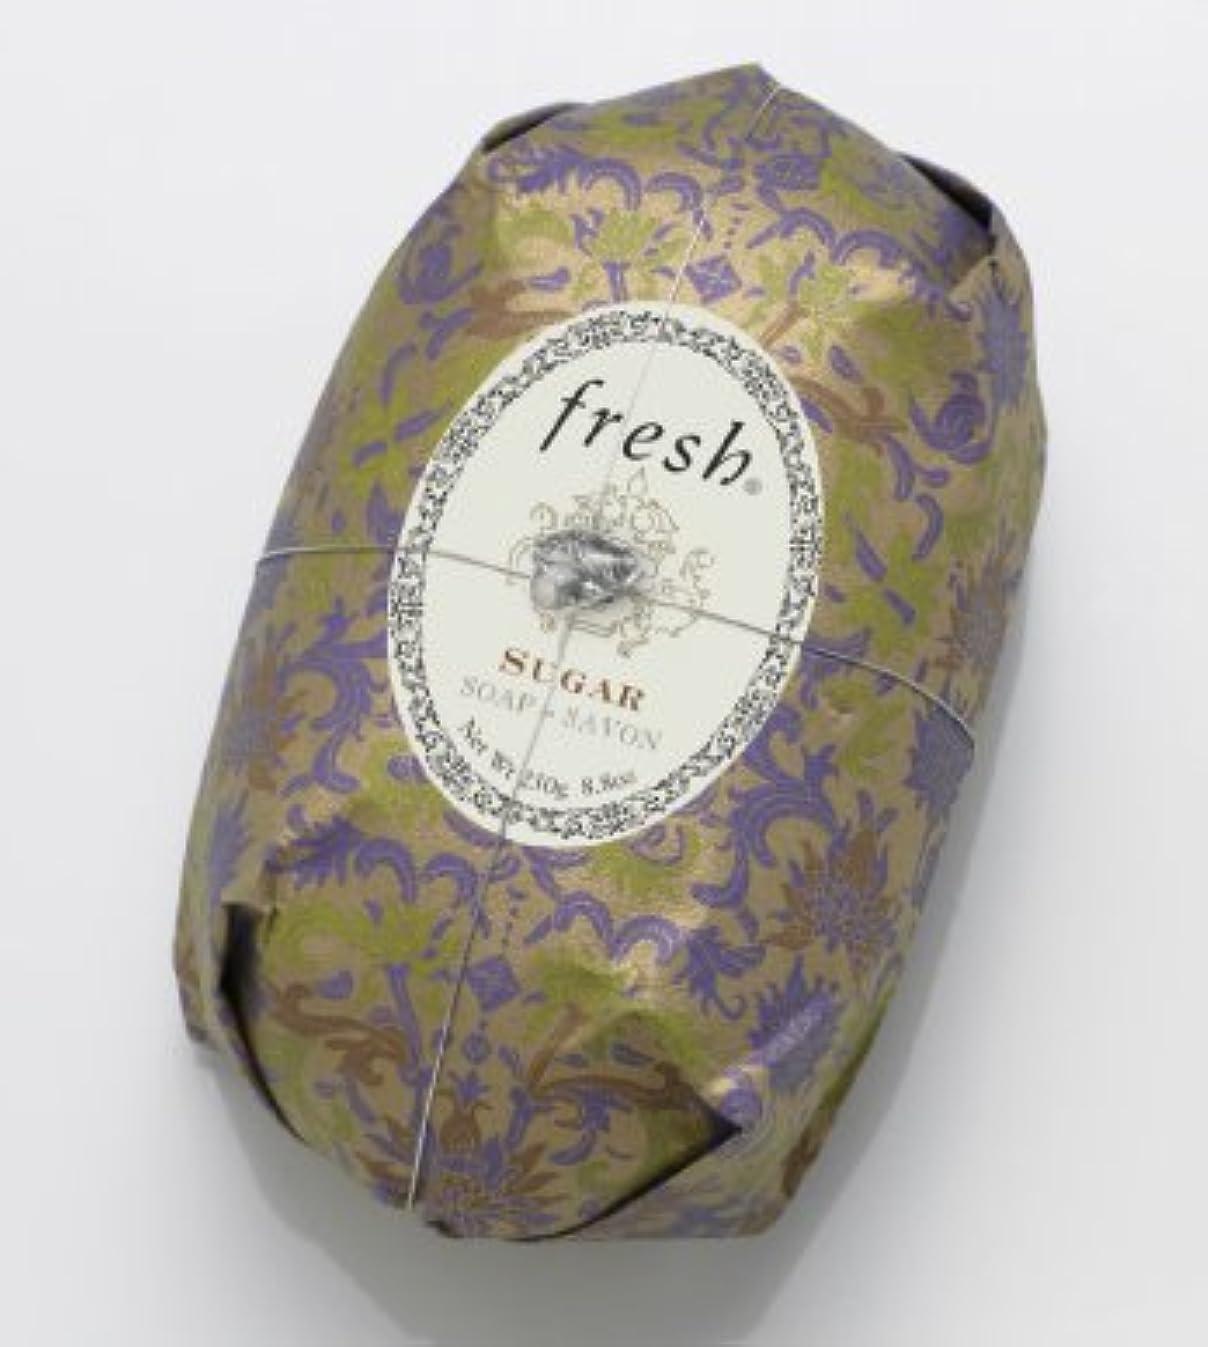 Fresh SUGAR SOAP (フレッシュ シュガー ソープ) 8.8 oz (250g) Soap (石鹸) by Fresh